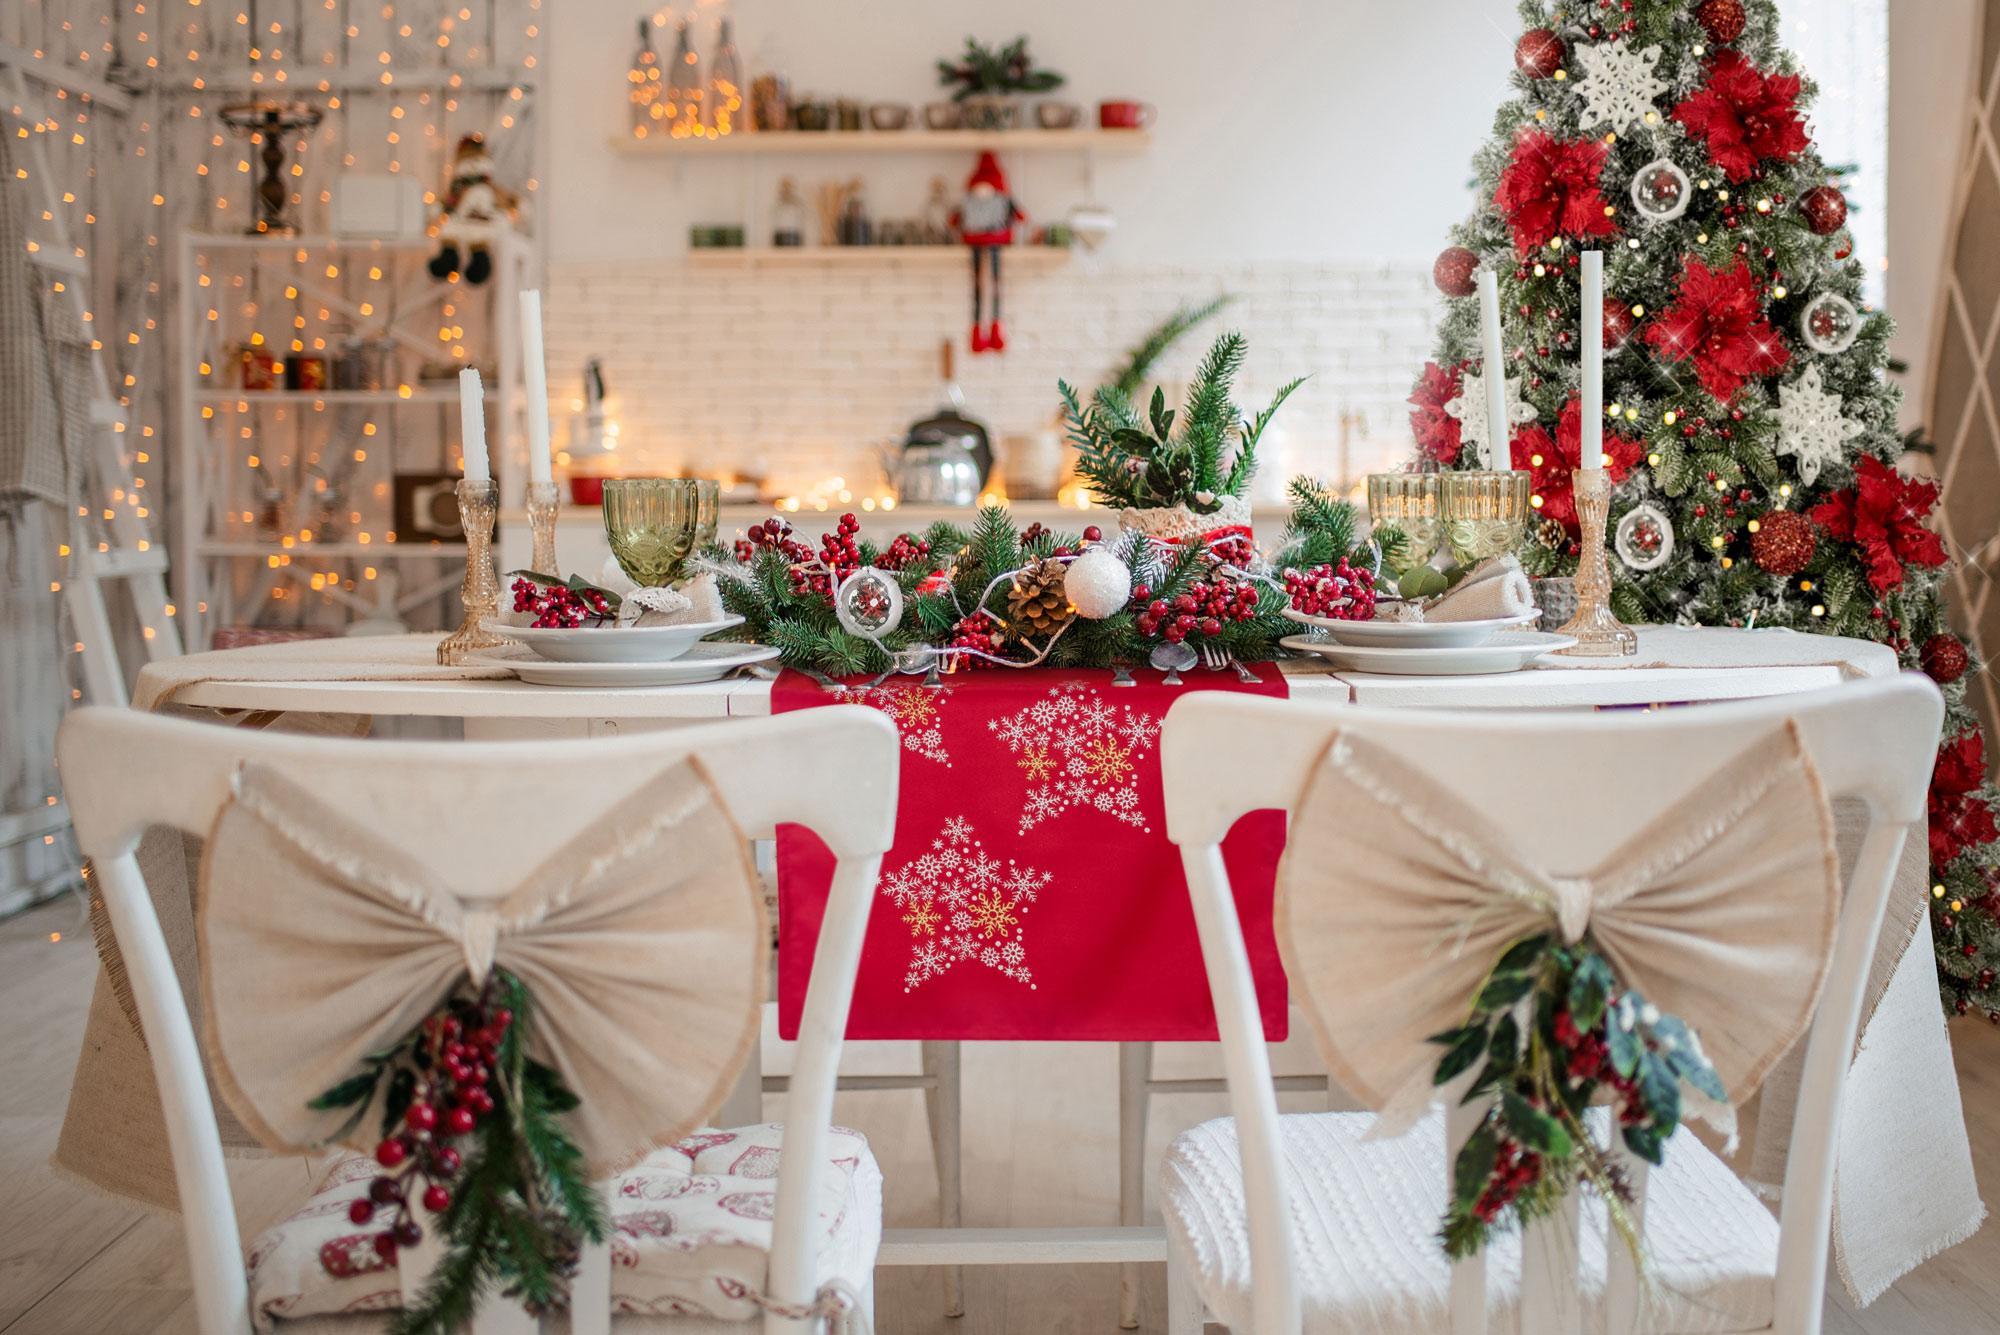 Dekoracja stołu na Boże Narodzenie – modne obrusy świąteczne.